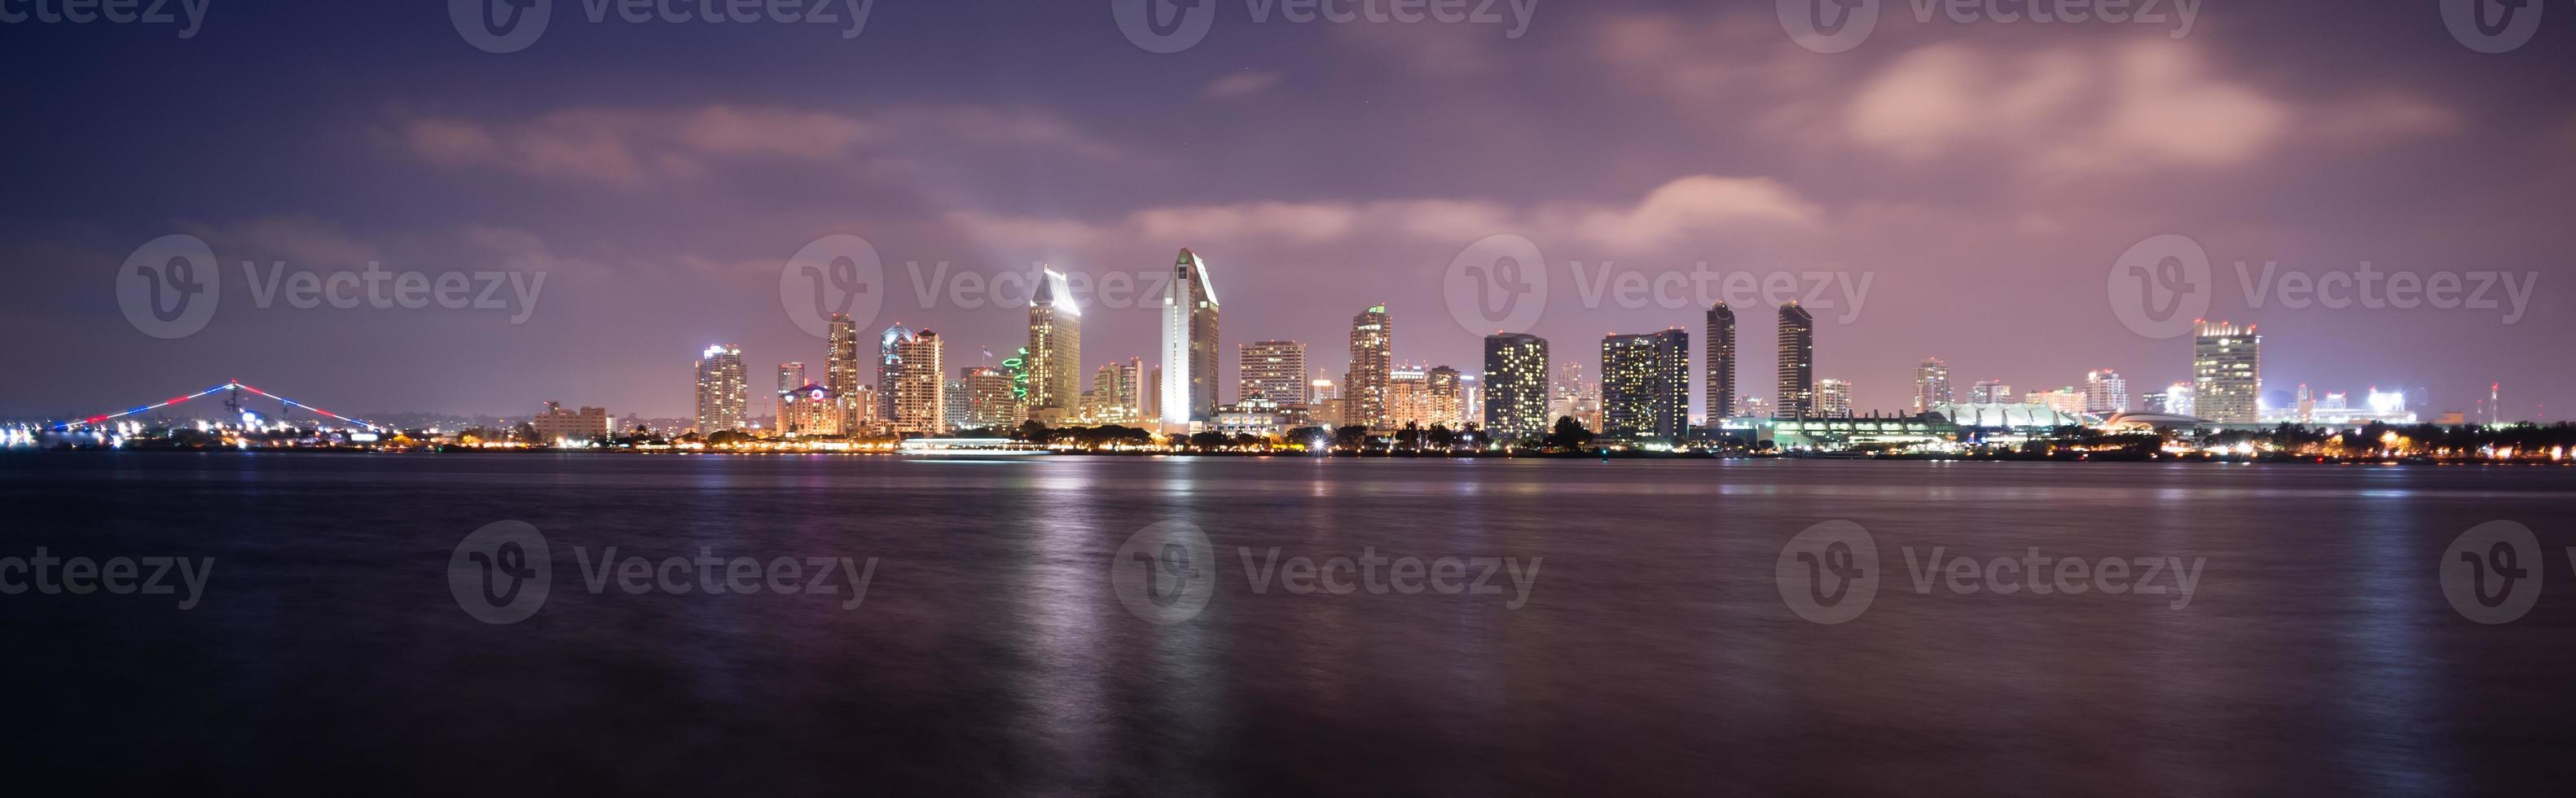 spät in der Nacht Coronado San Diego Bay Innenstadt Skyline Skyline foto